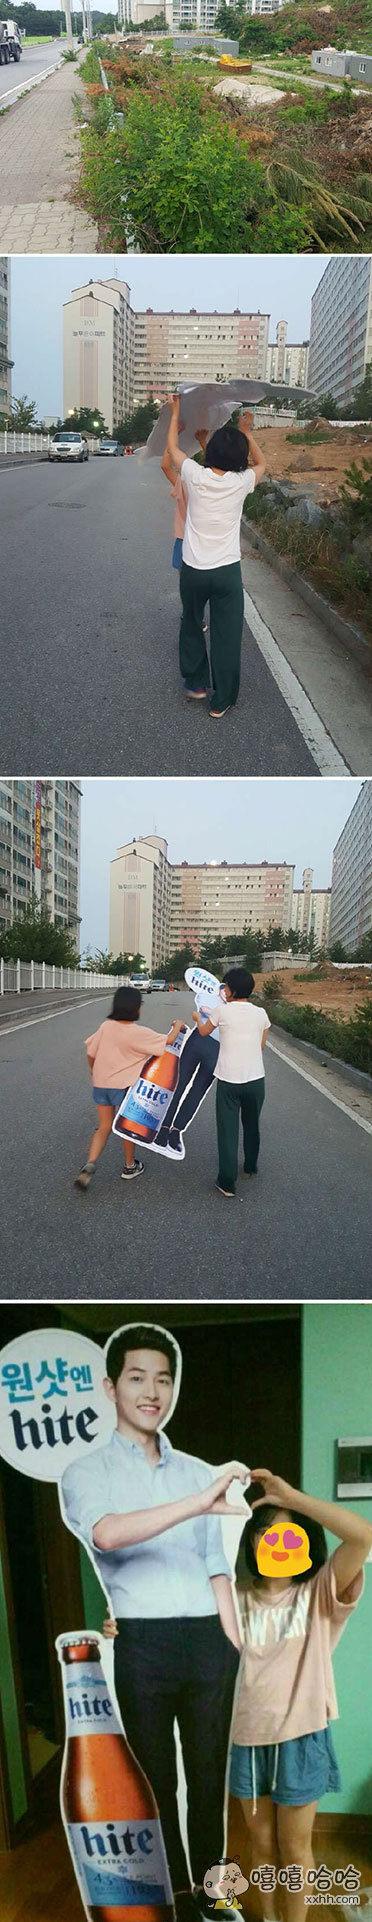 带老婆闺女出门散步,在路边发现倒在废墟中的一男子,然后她们娘俩就哼着小曲儿开开心心地同心协力把那个男人扛回了家